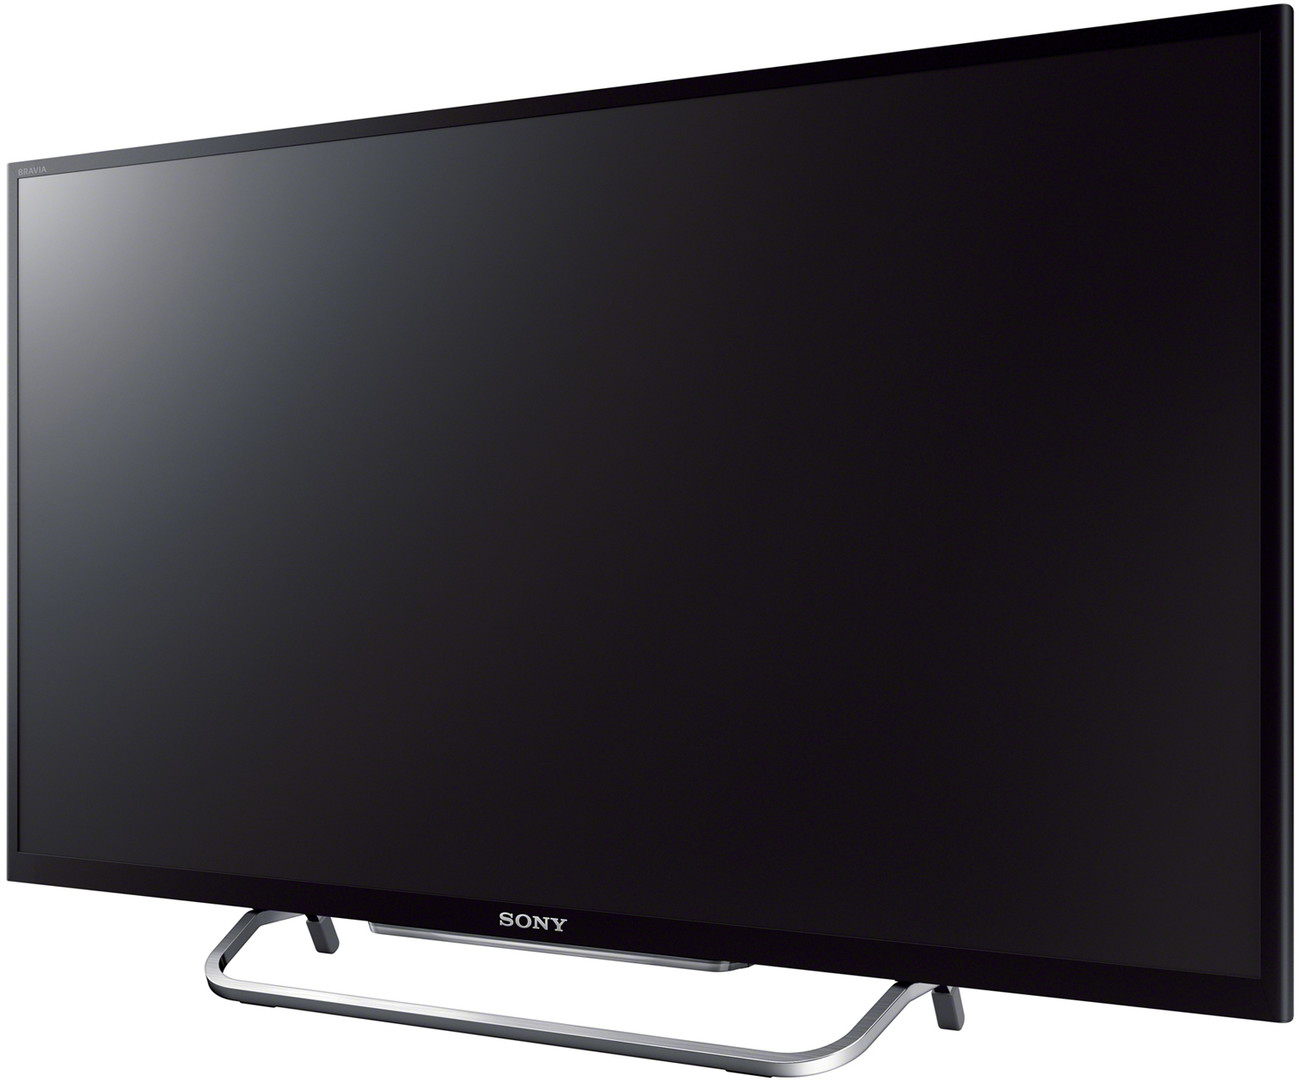 Sony KDL-32W705